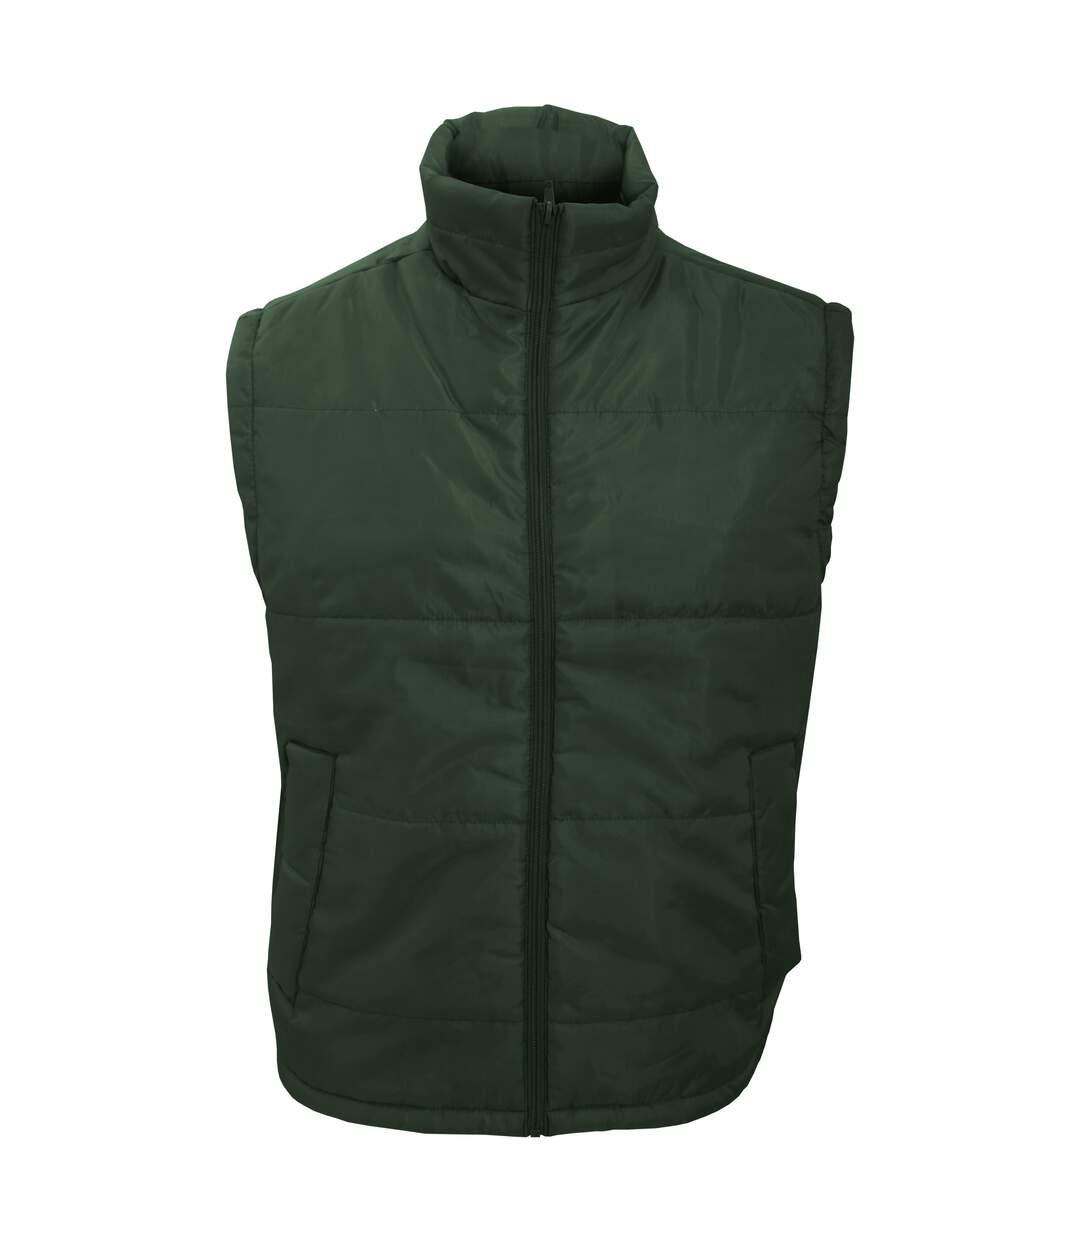 Result Mens Core Bodywarmer Water Repellent Windproof Jacket (Bottle Green) - UTBC902